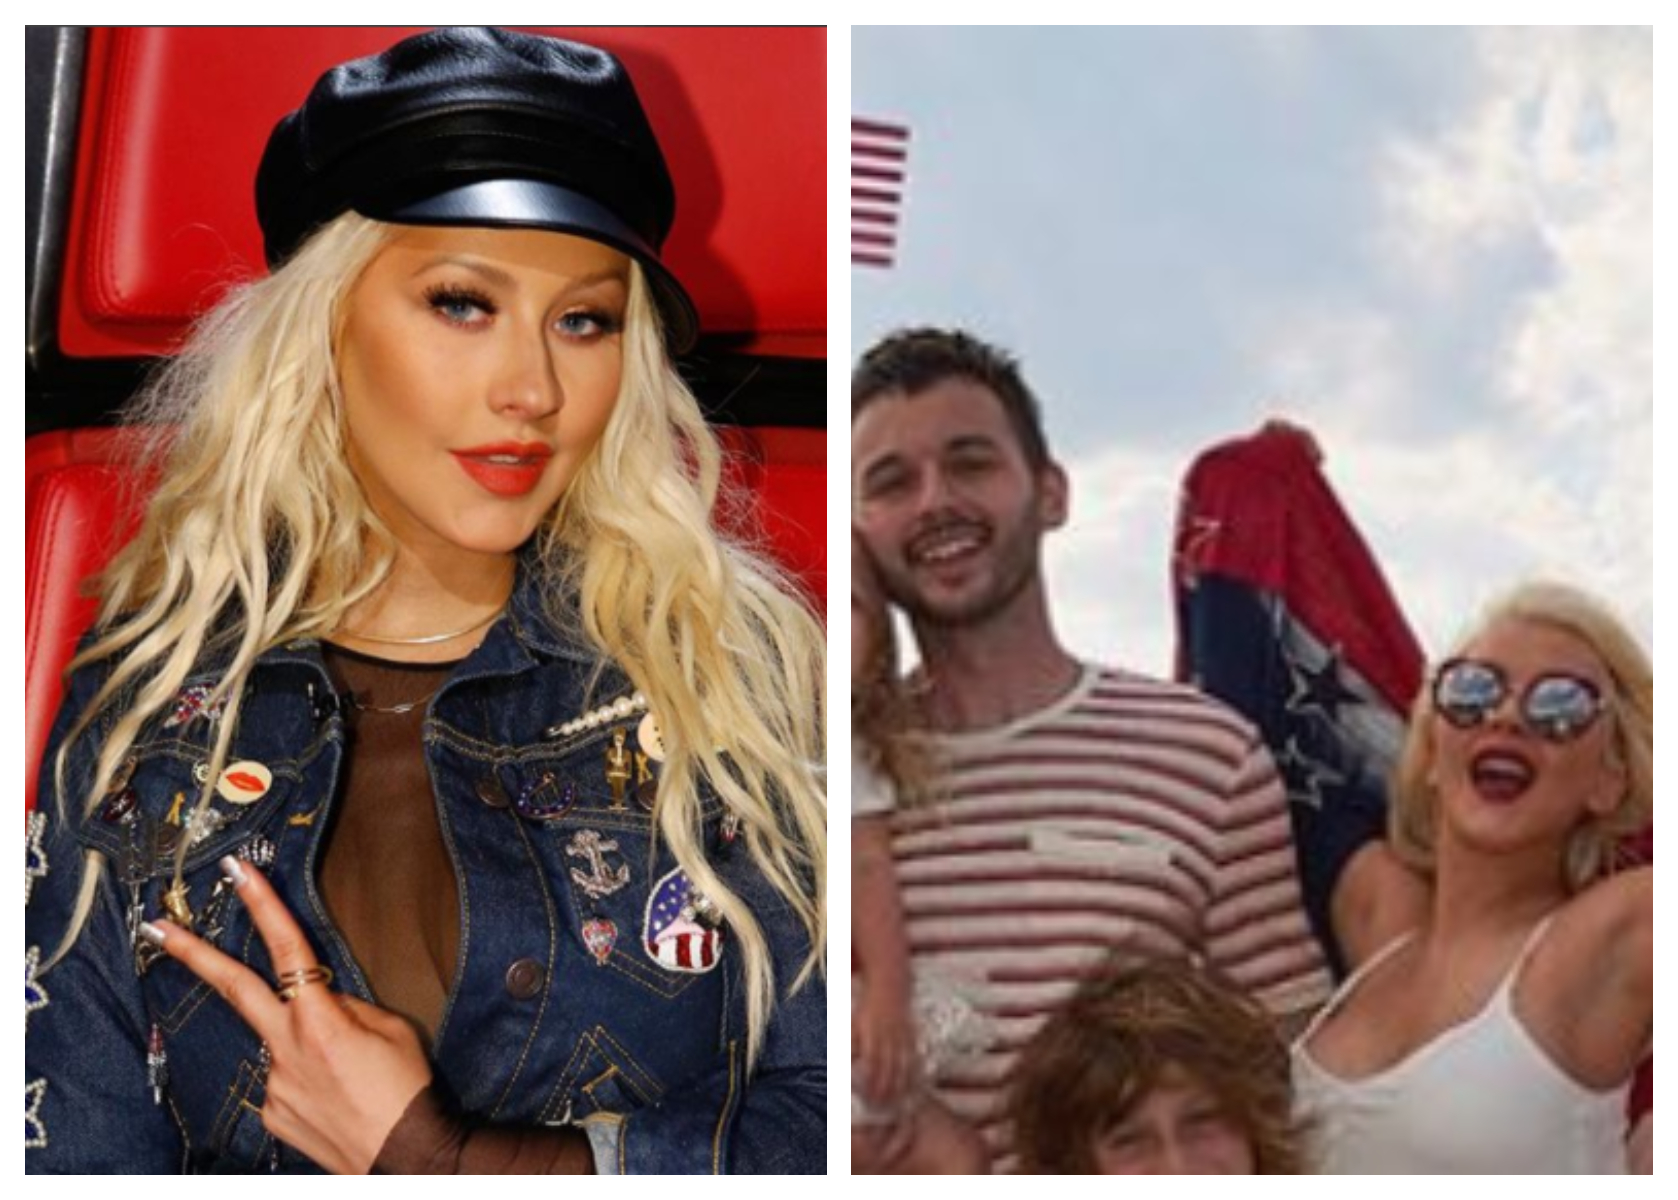 Conoce a la hermosa hija de Christina Aguilera ¡heredó toda su belleza y estilo!